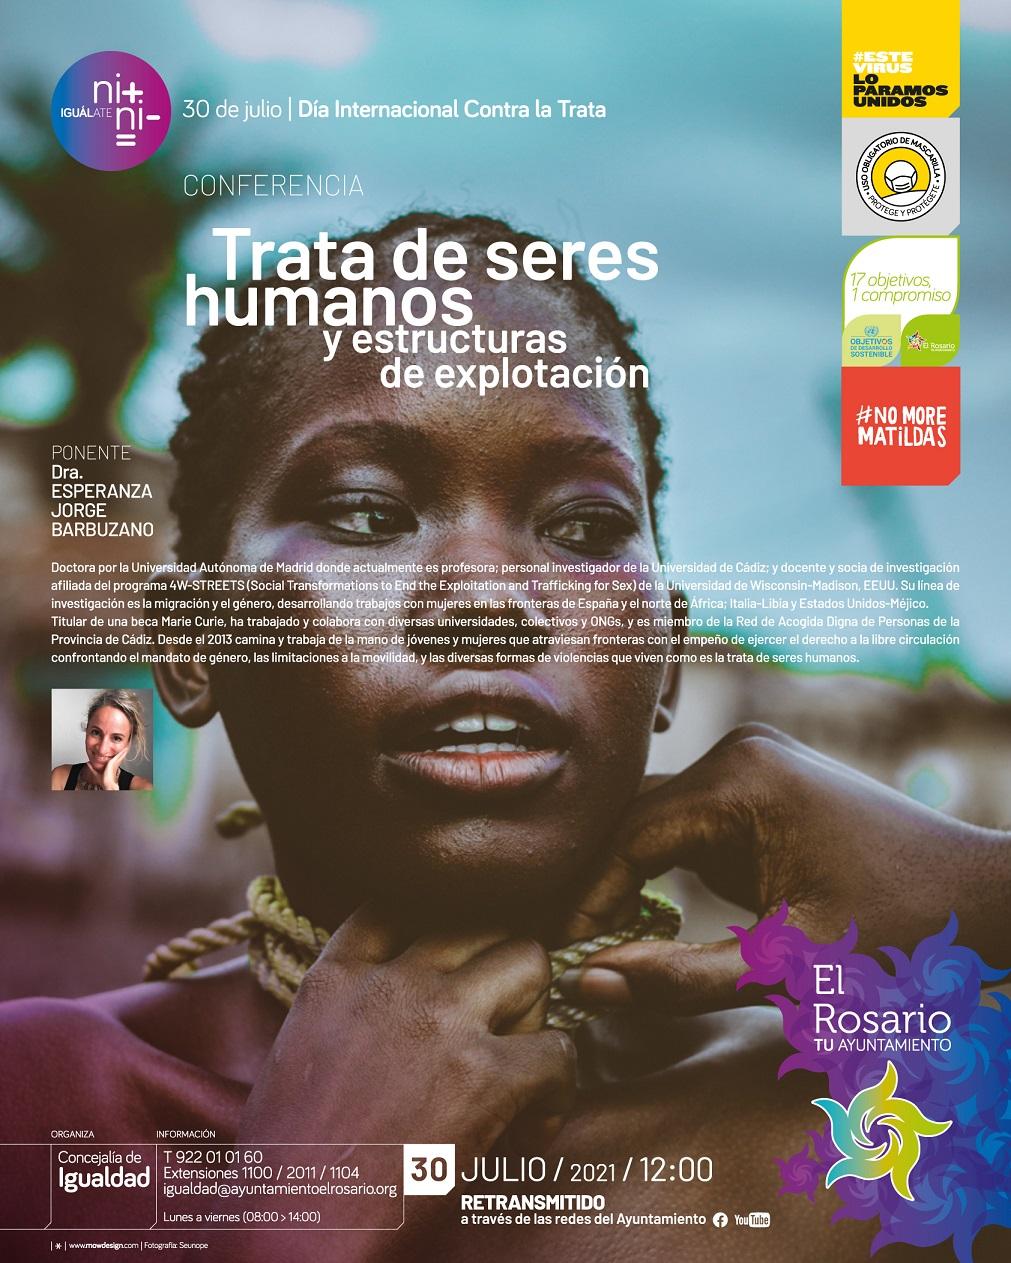 EL-ROSARIO---Dia-Mundial-contra-la-Trata-20210730-CARTEL_A3-20210723-01af-redes - copia